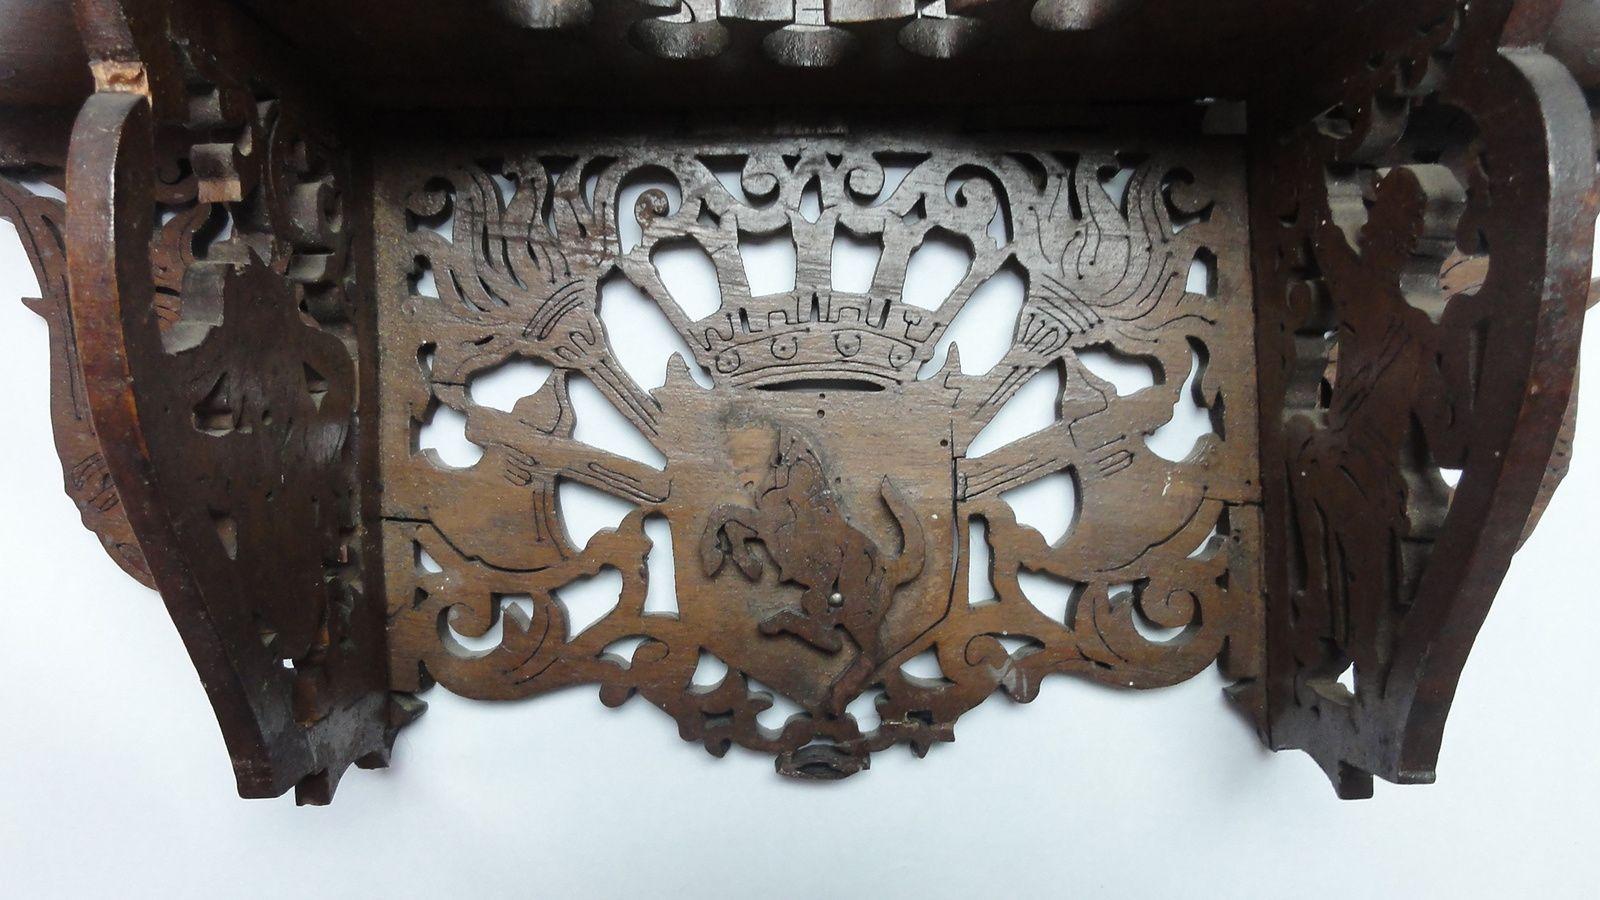 en dessous du plateau (partie centrale)  2 flambeaux , 2 haches et un blason sur lequel est apposé un cheval cabré (manque la tete)